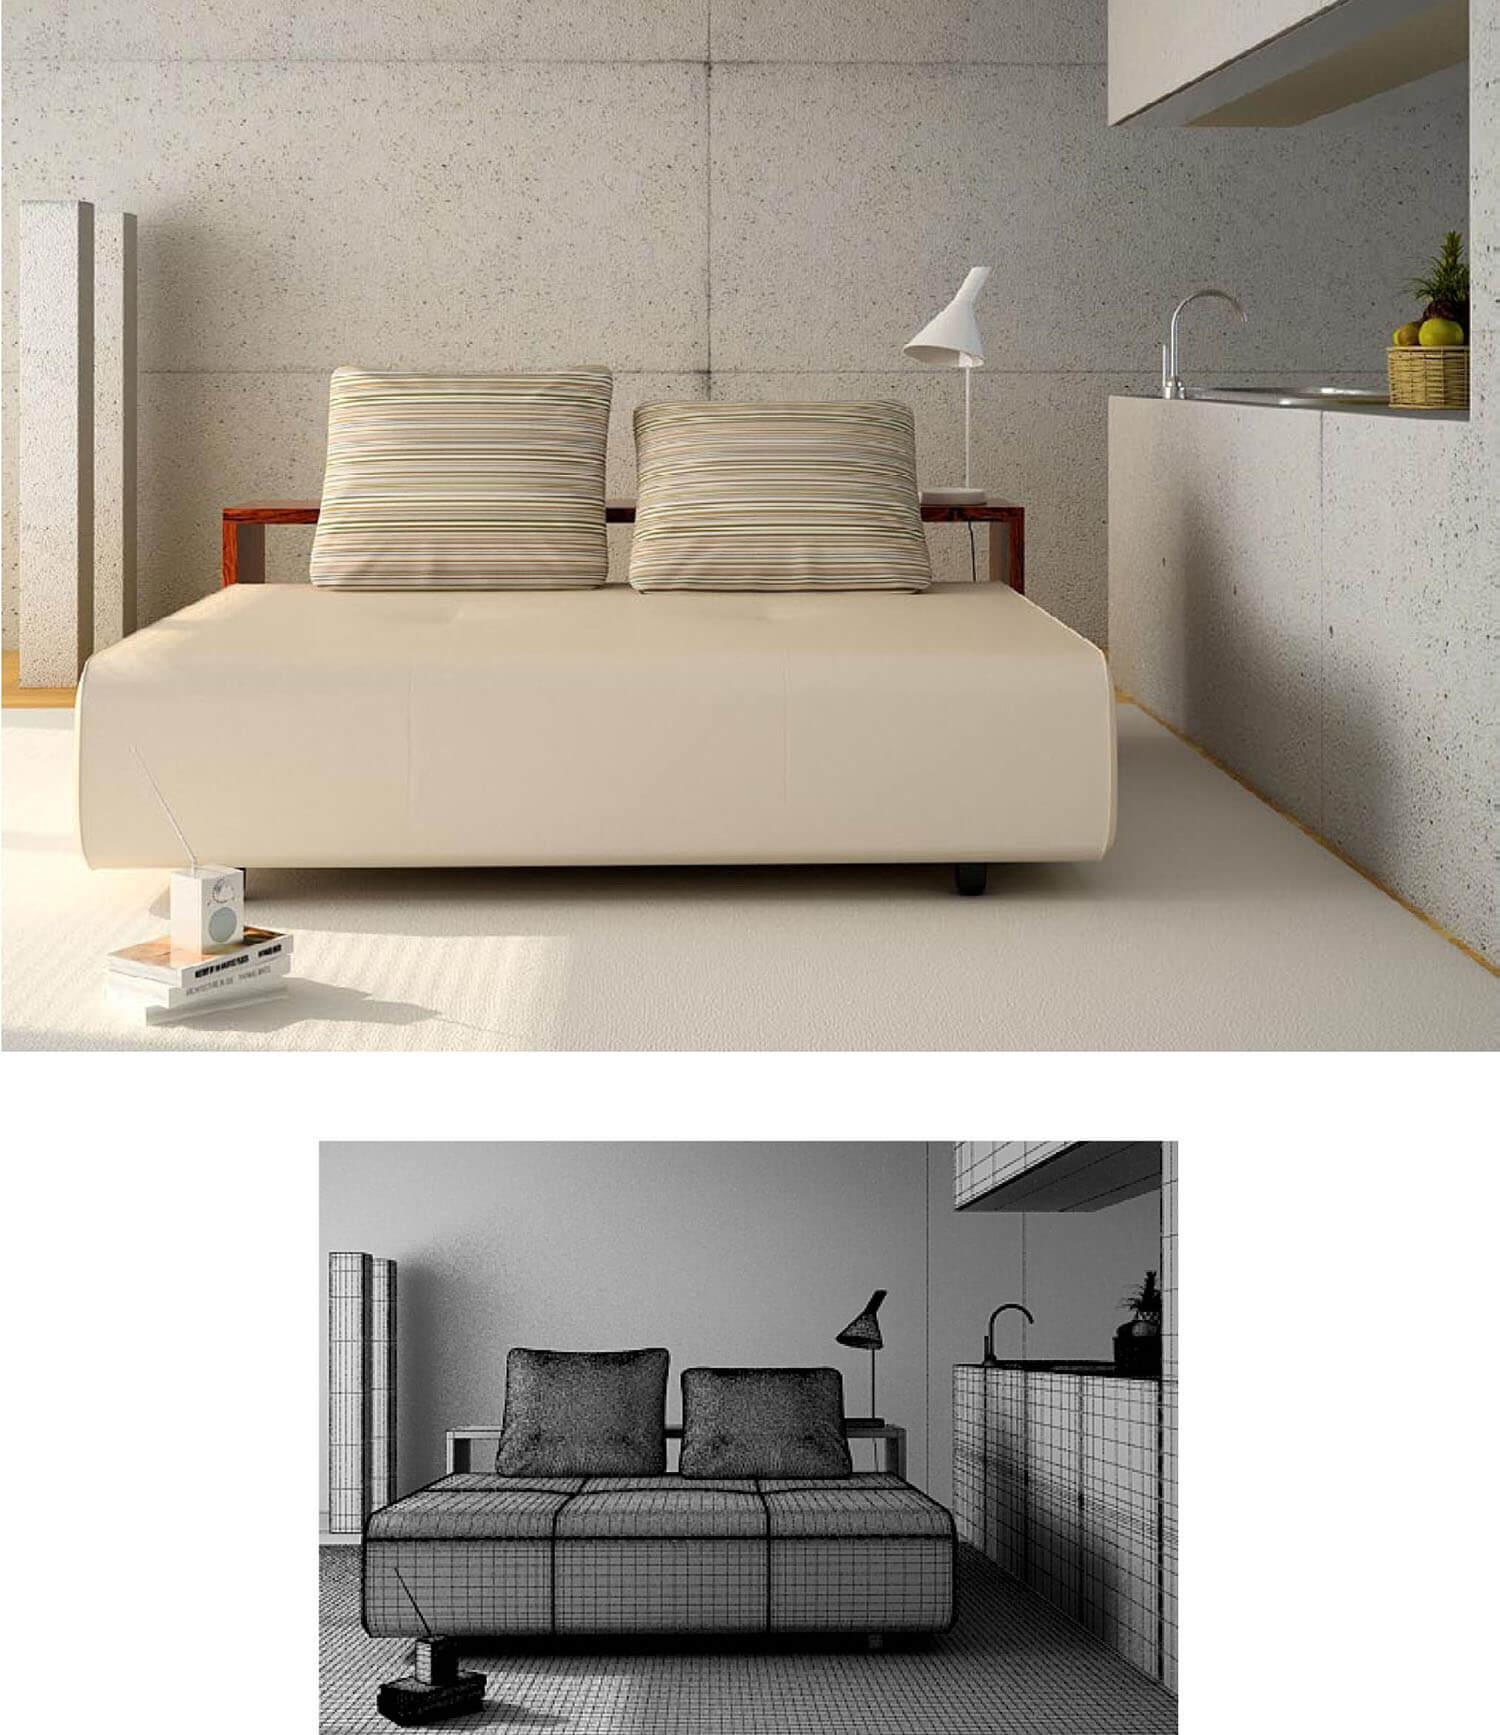 Không gian nội thất phòng ngủ được bài trí một cách gọn gàng